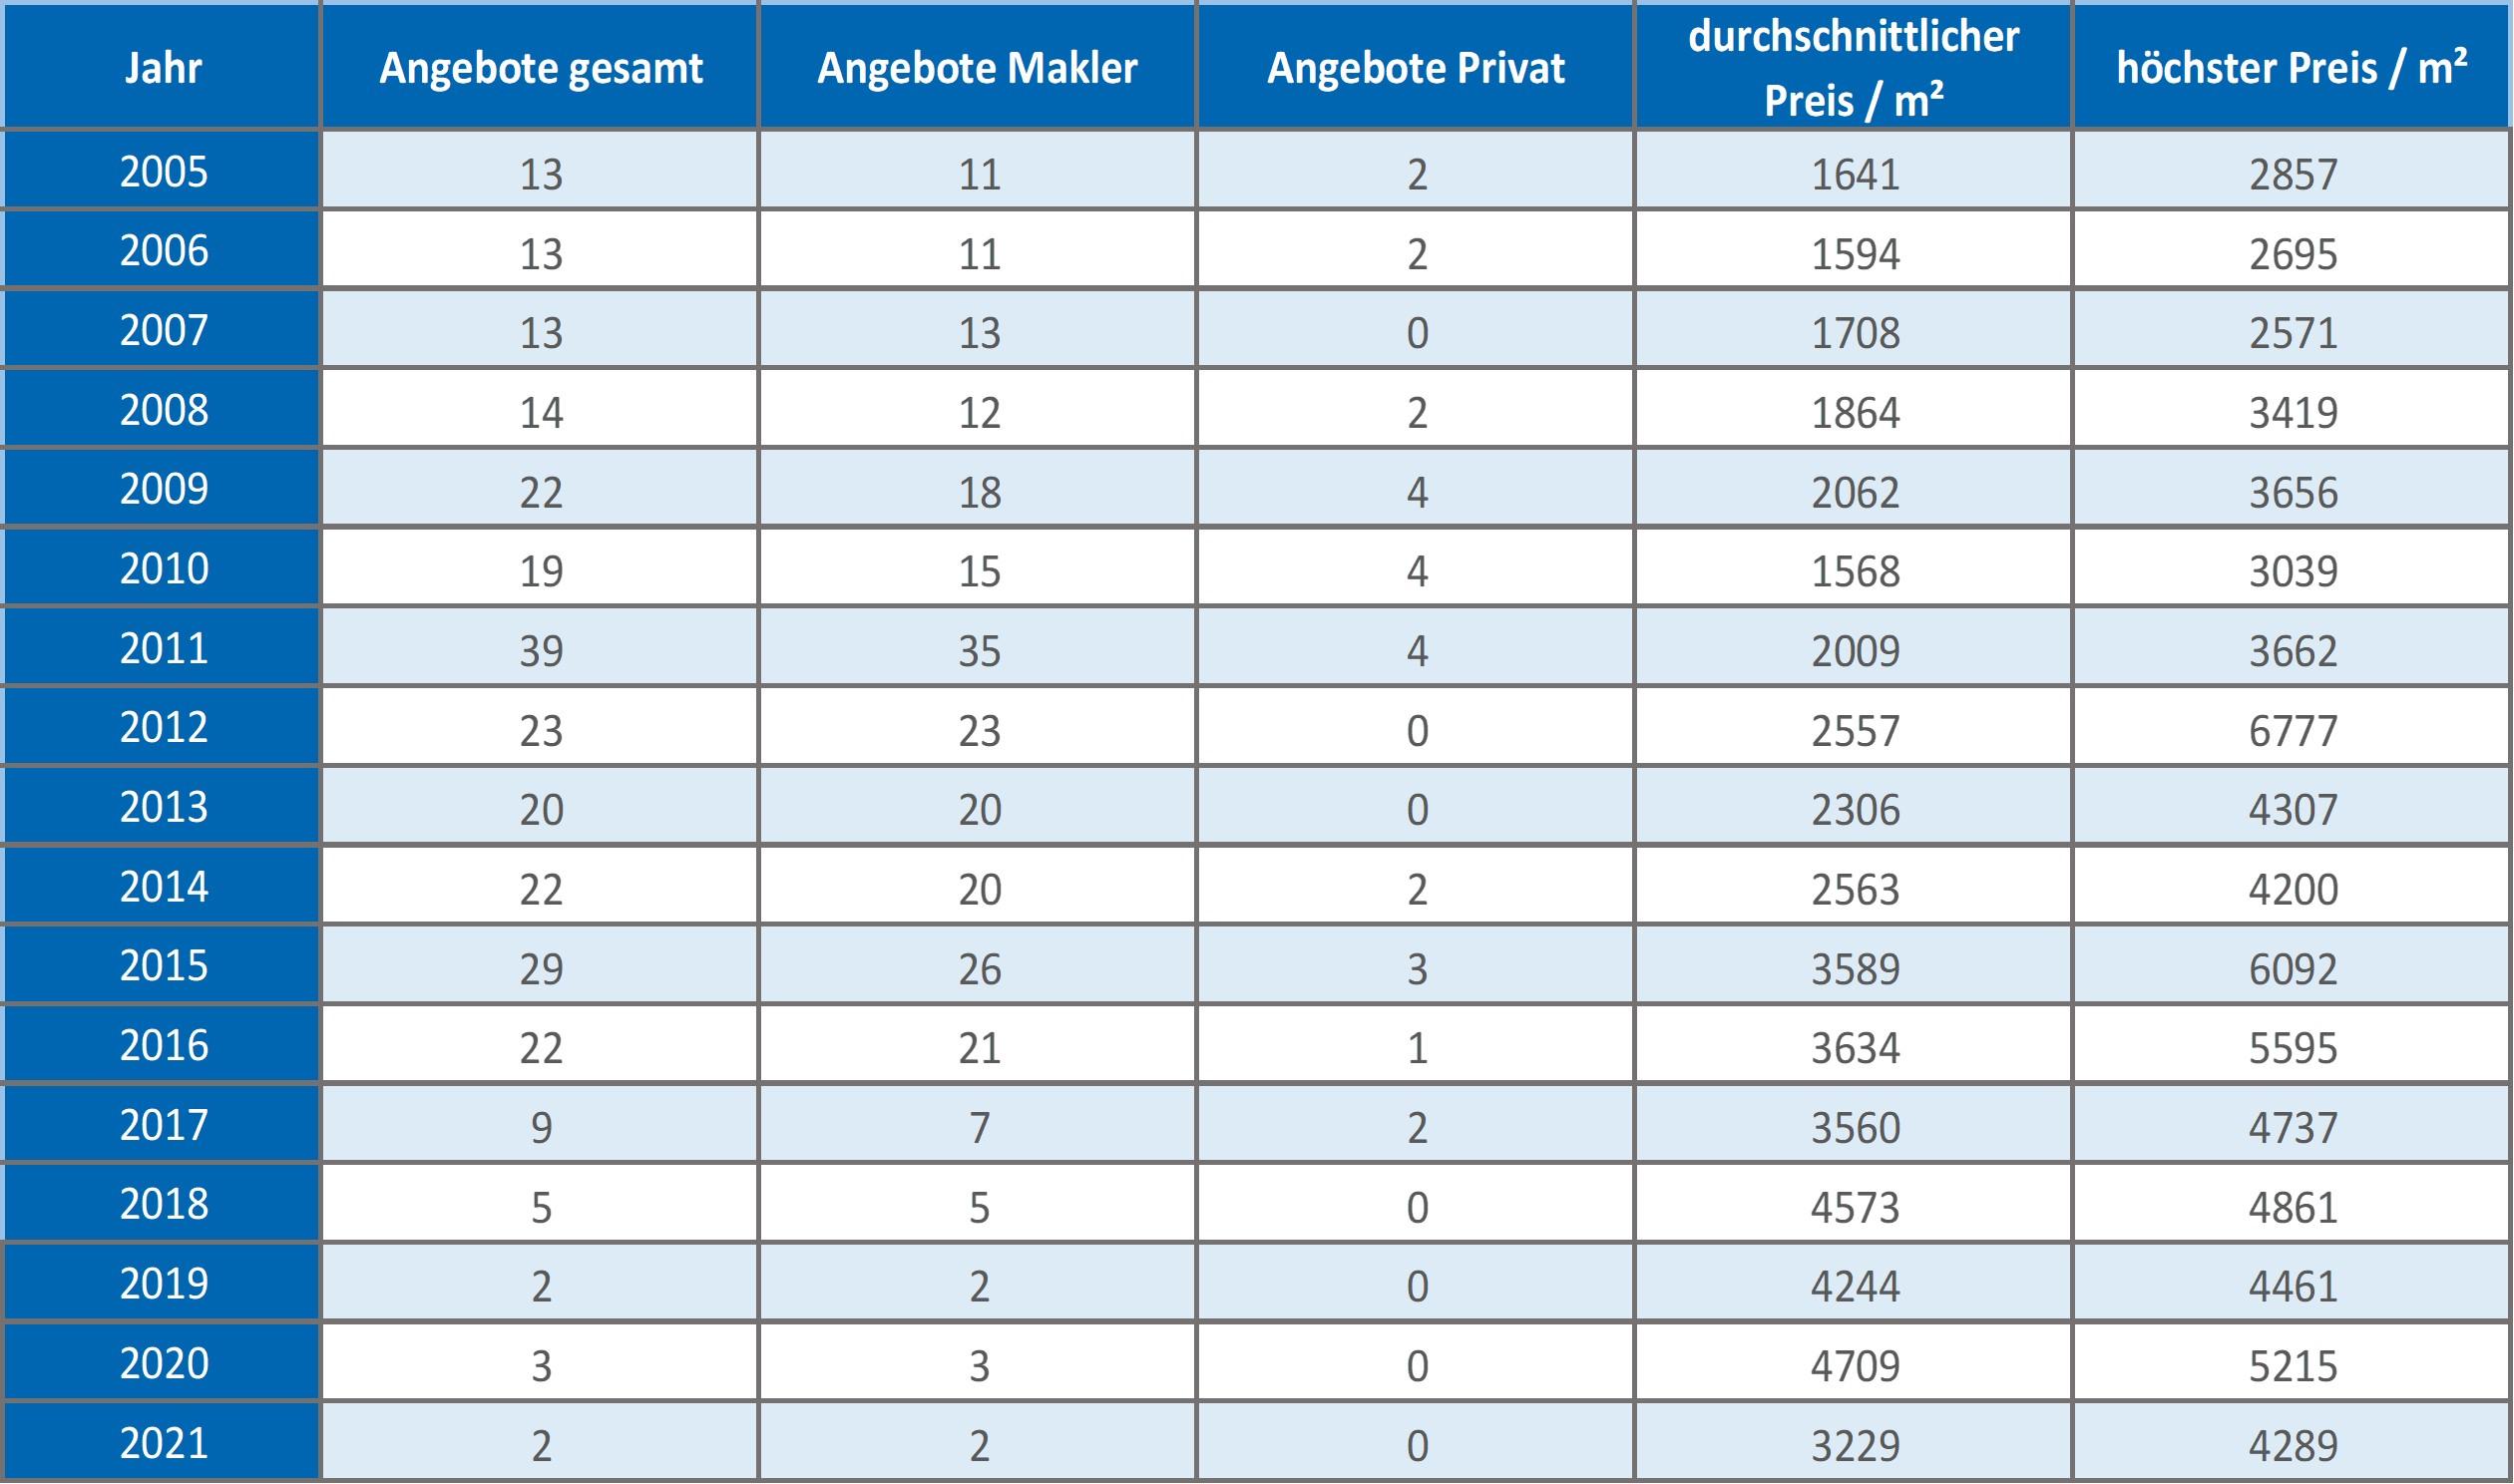 Bad Tölz-Mehrfamilienhaus-kaufen-verkaufen-Makler 2019, 2020, 2021